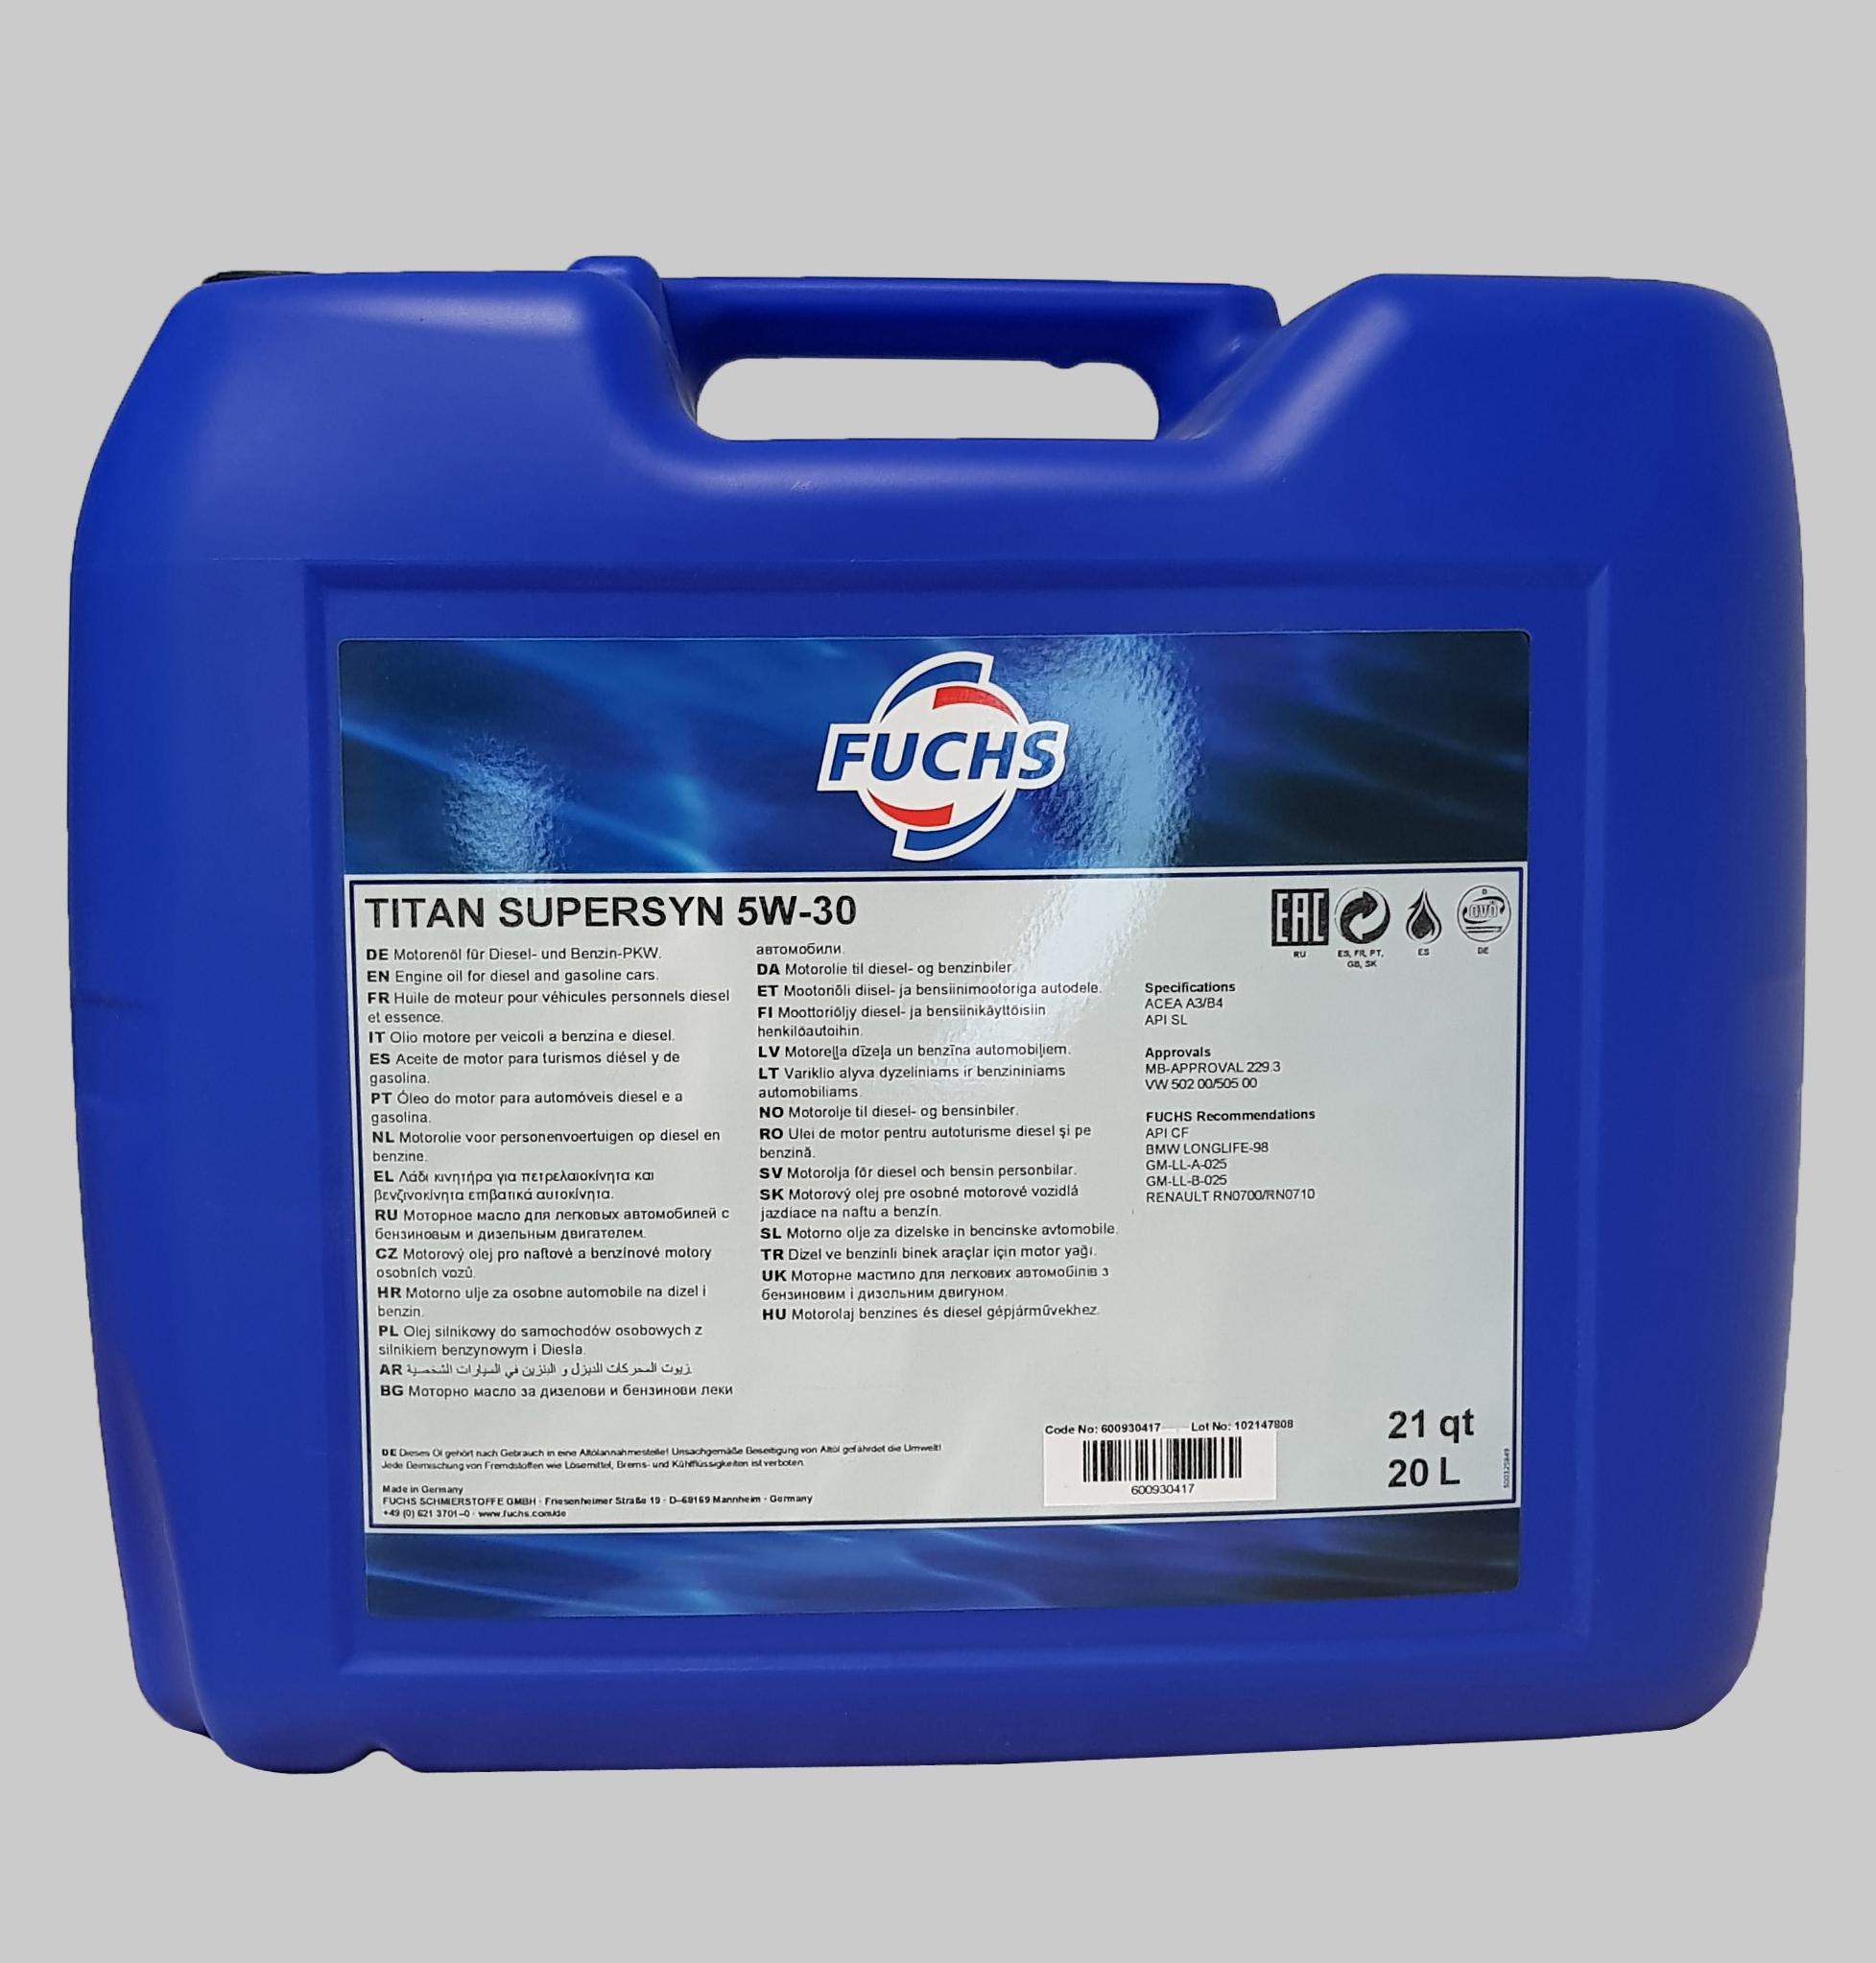 Fuchs Titan Supersyn 5W-30 20 Liter